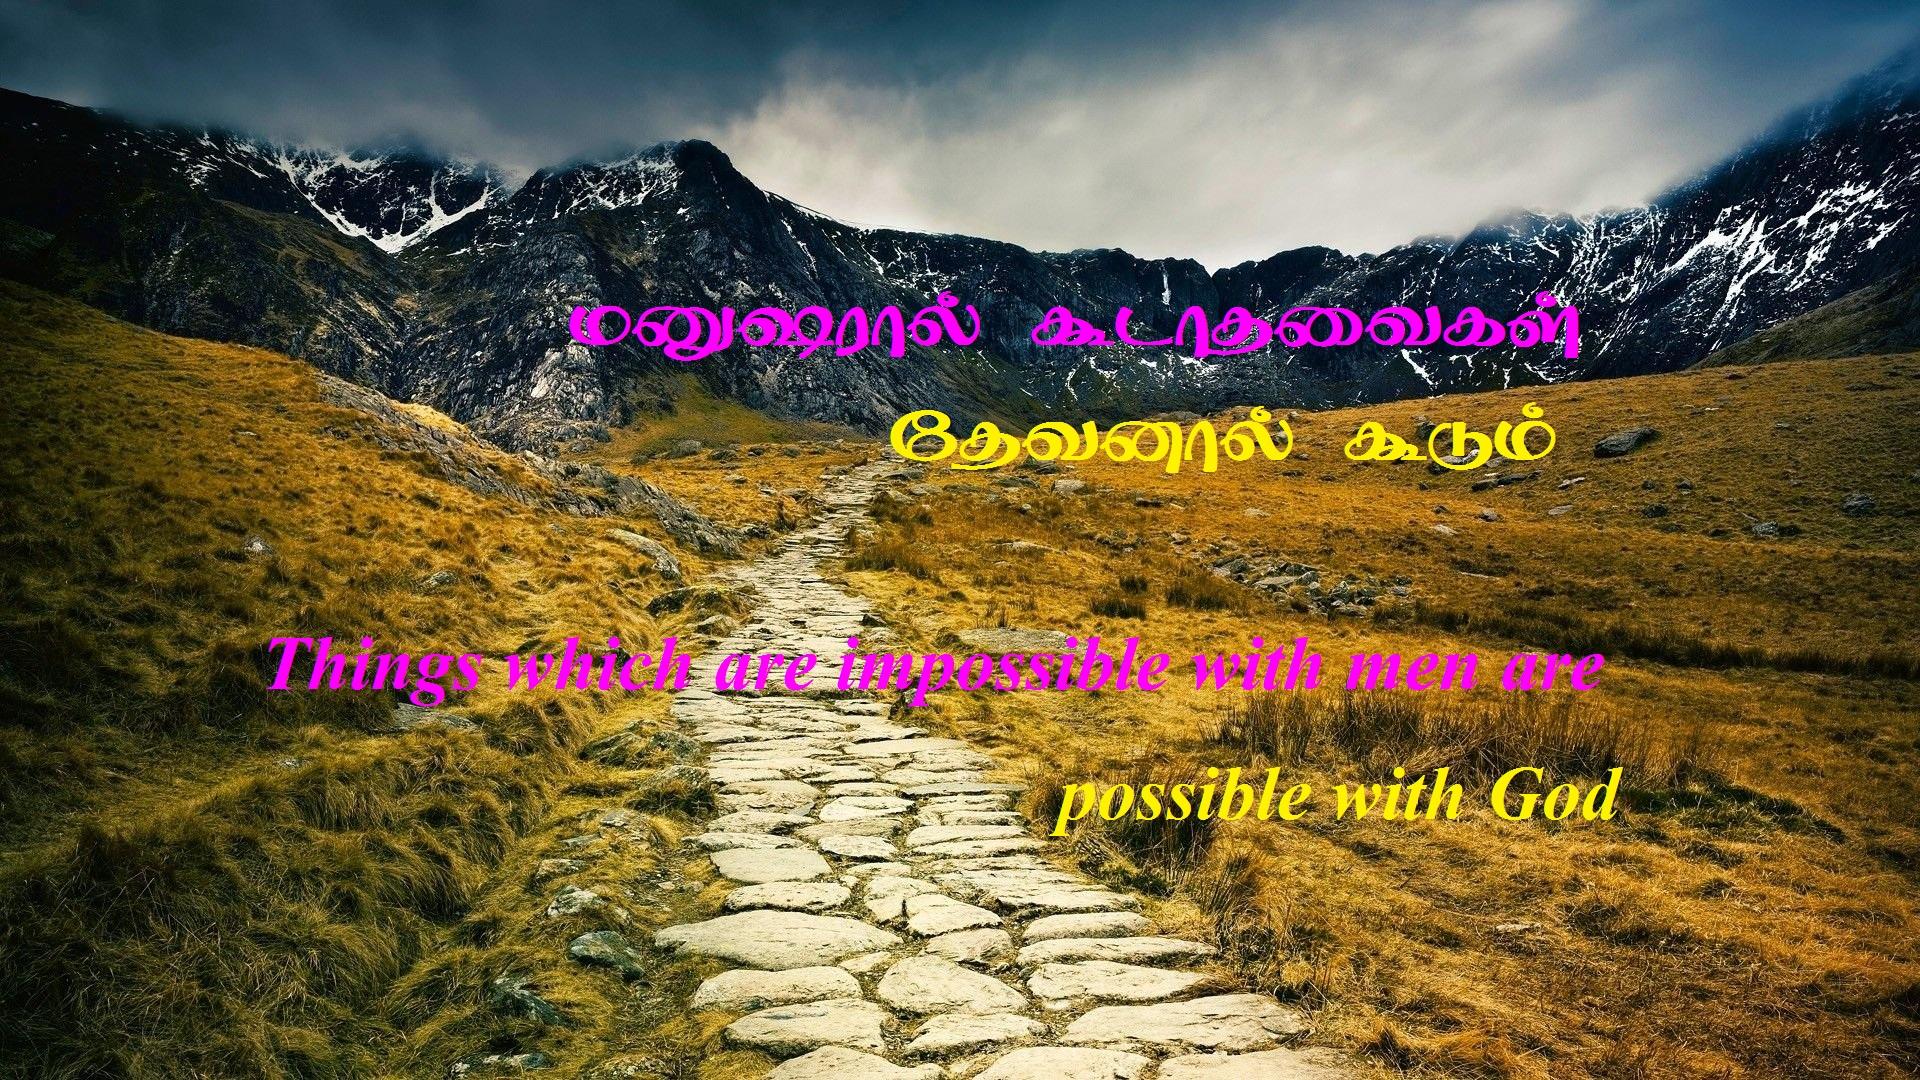 மனுஷரால் கூடாதவைகள் தேவனால் கூடும்